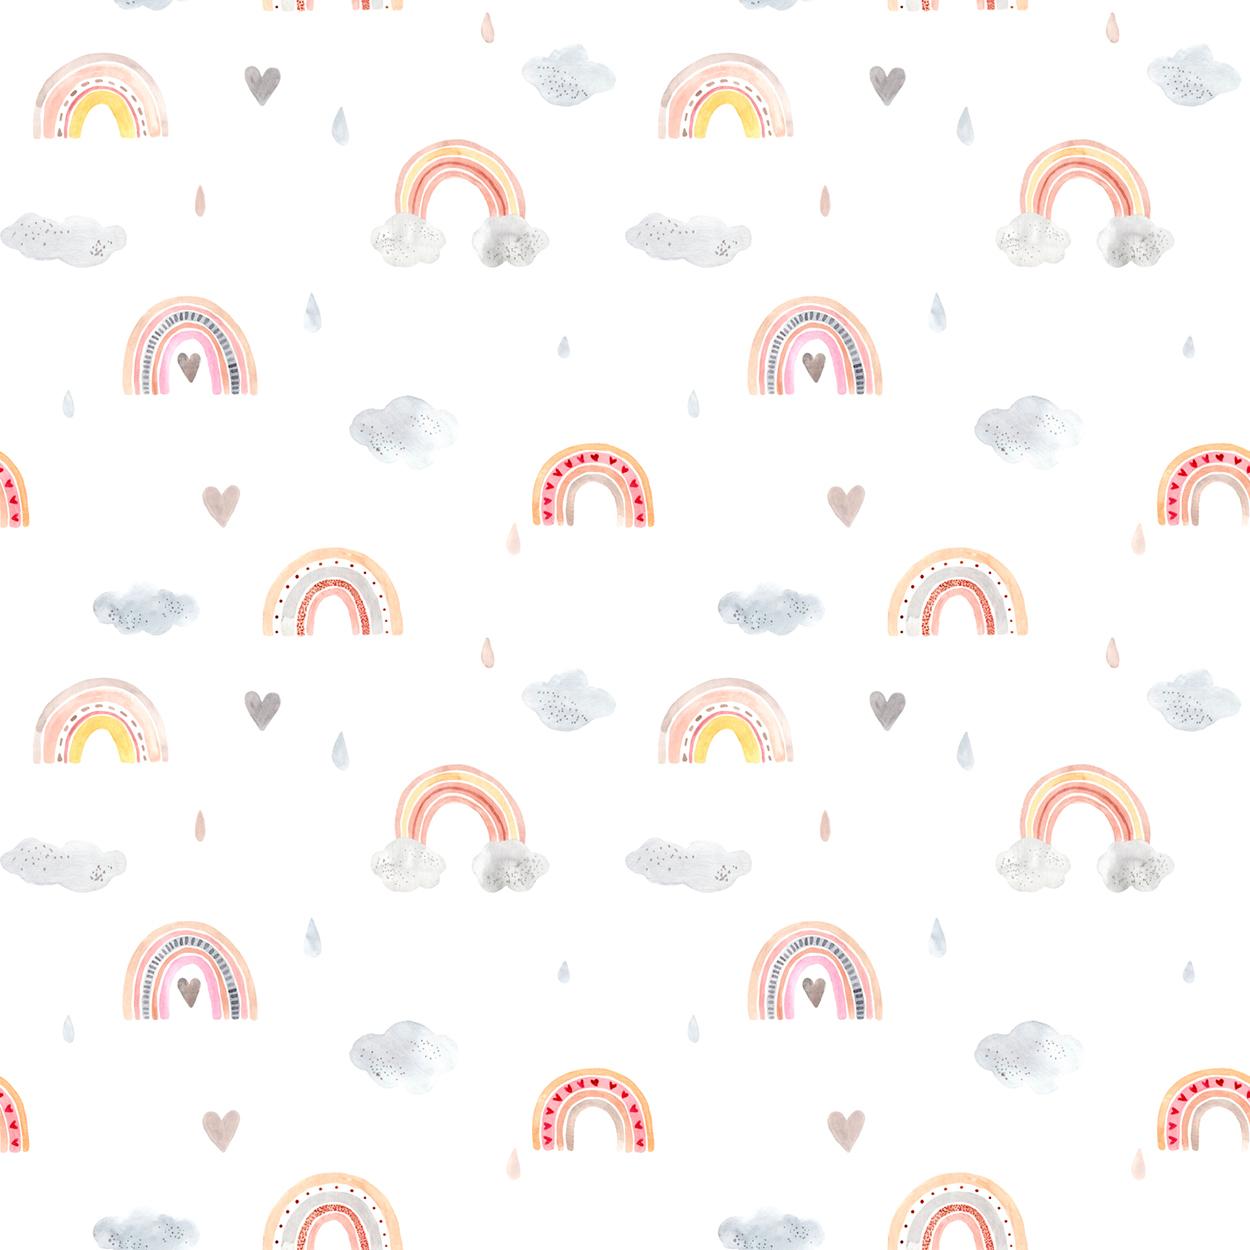 Conception arc-en-ciel tapisserie